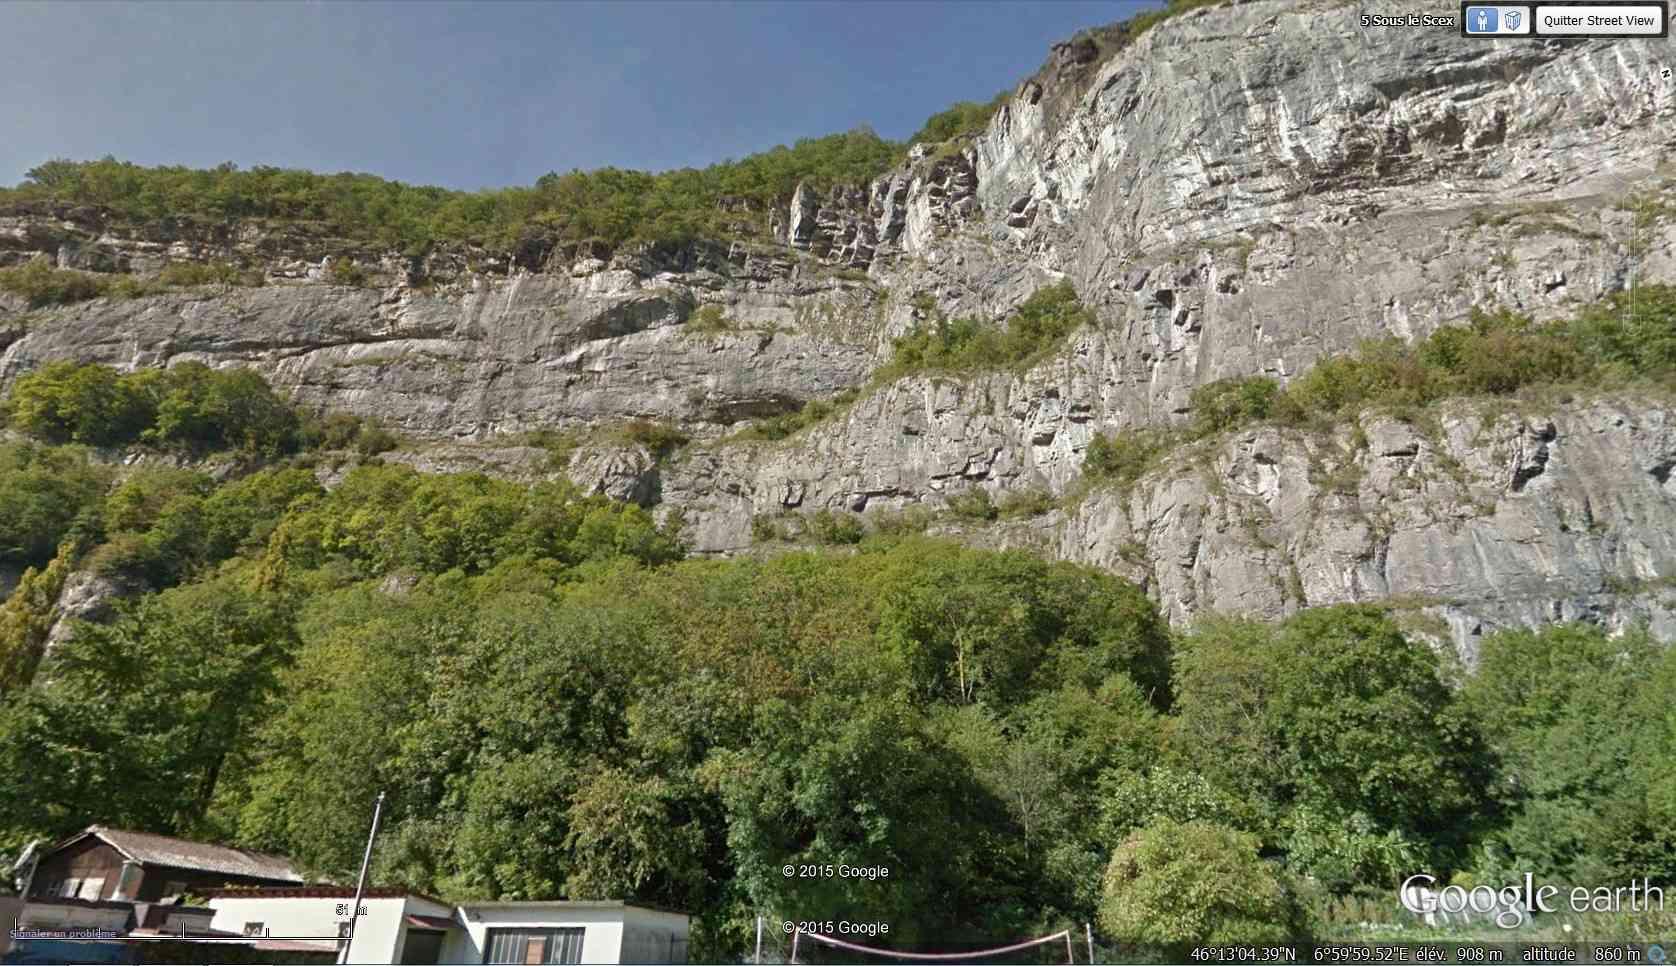 L'effondrement du Tauredunum en l'an 563 (Valais, Suisse) - Page 2 2015-076